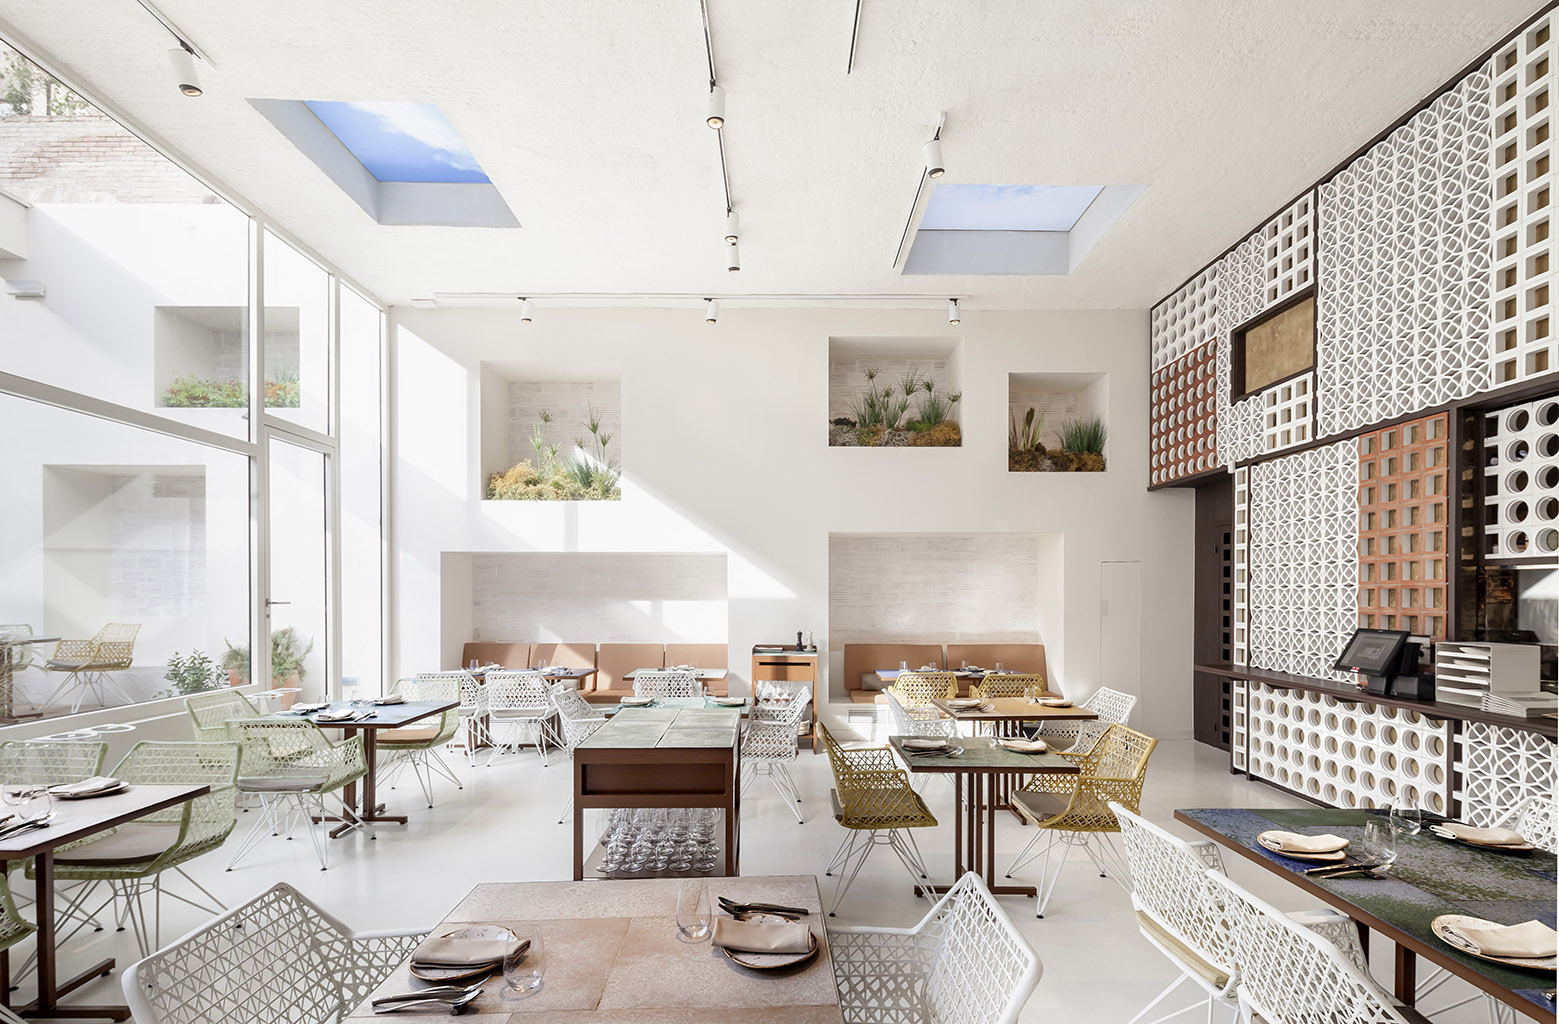 Galeria de restaurante disfrutar el equipo creativo 9 for Equipos restaurante